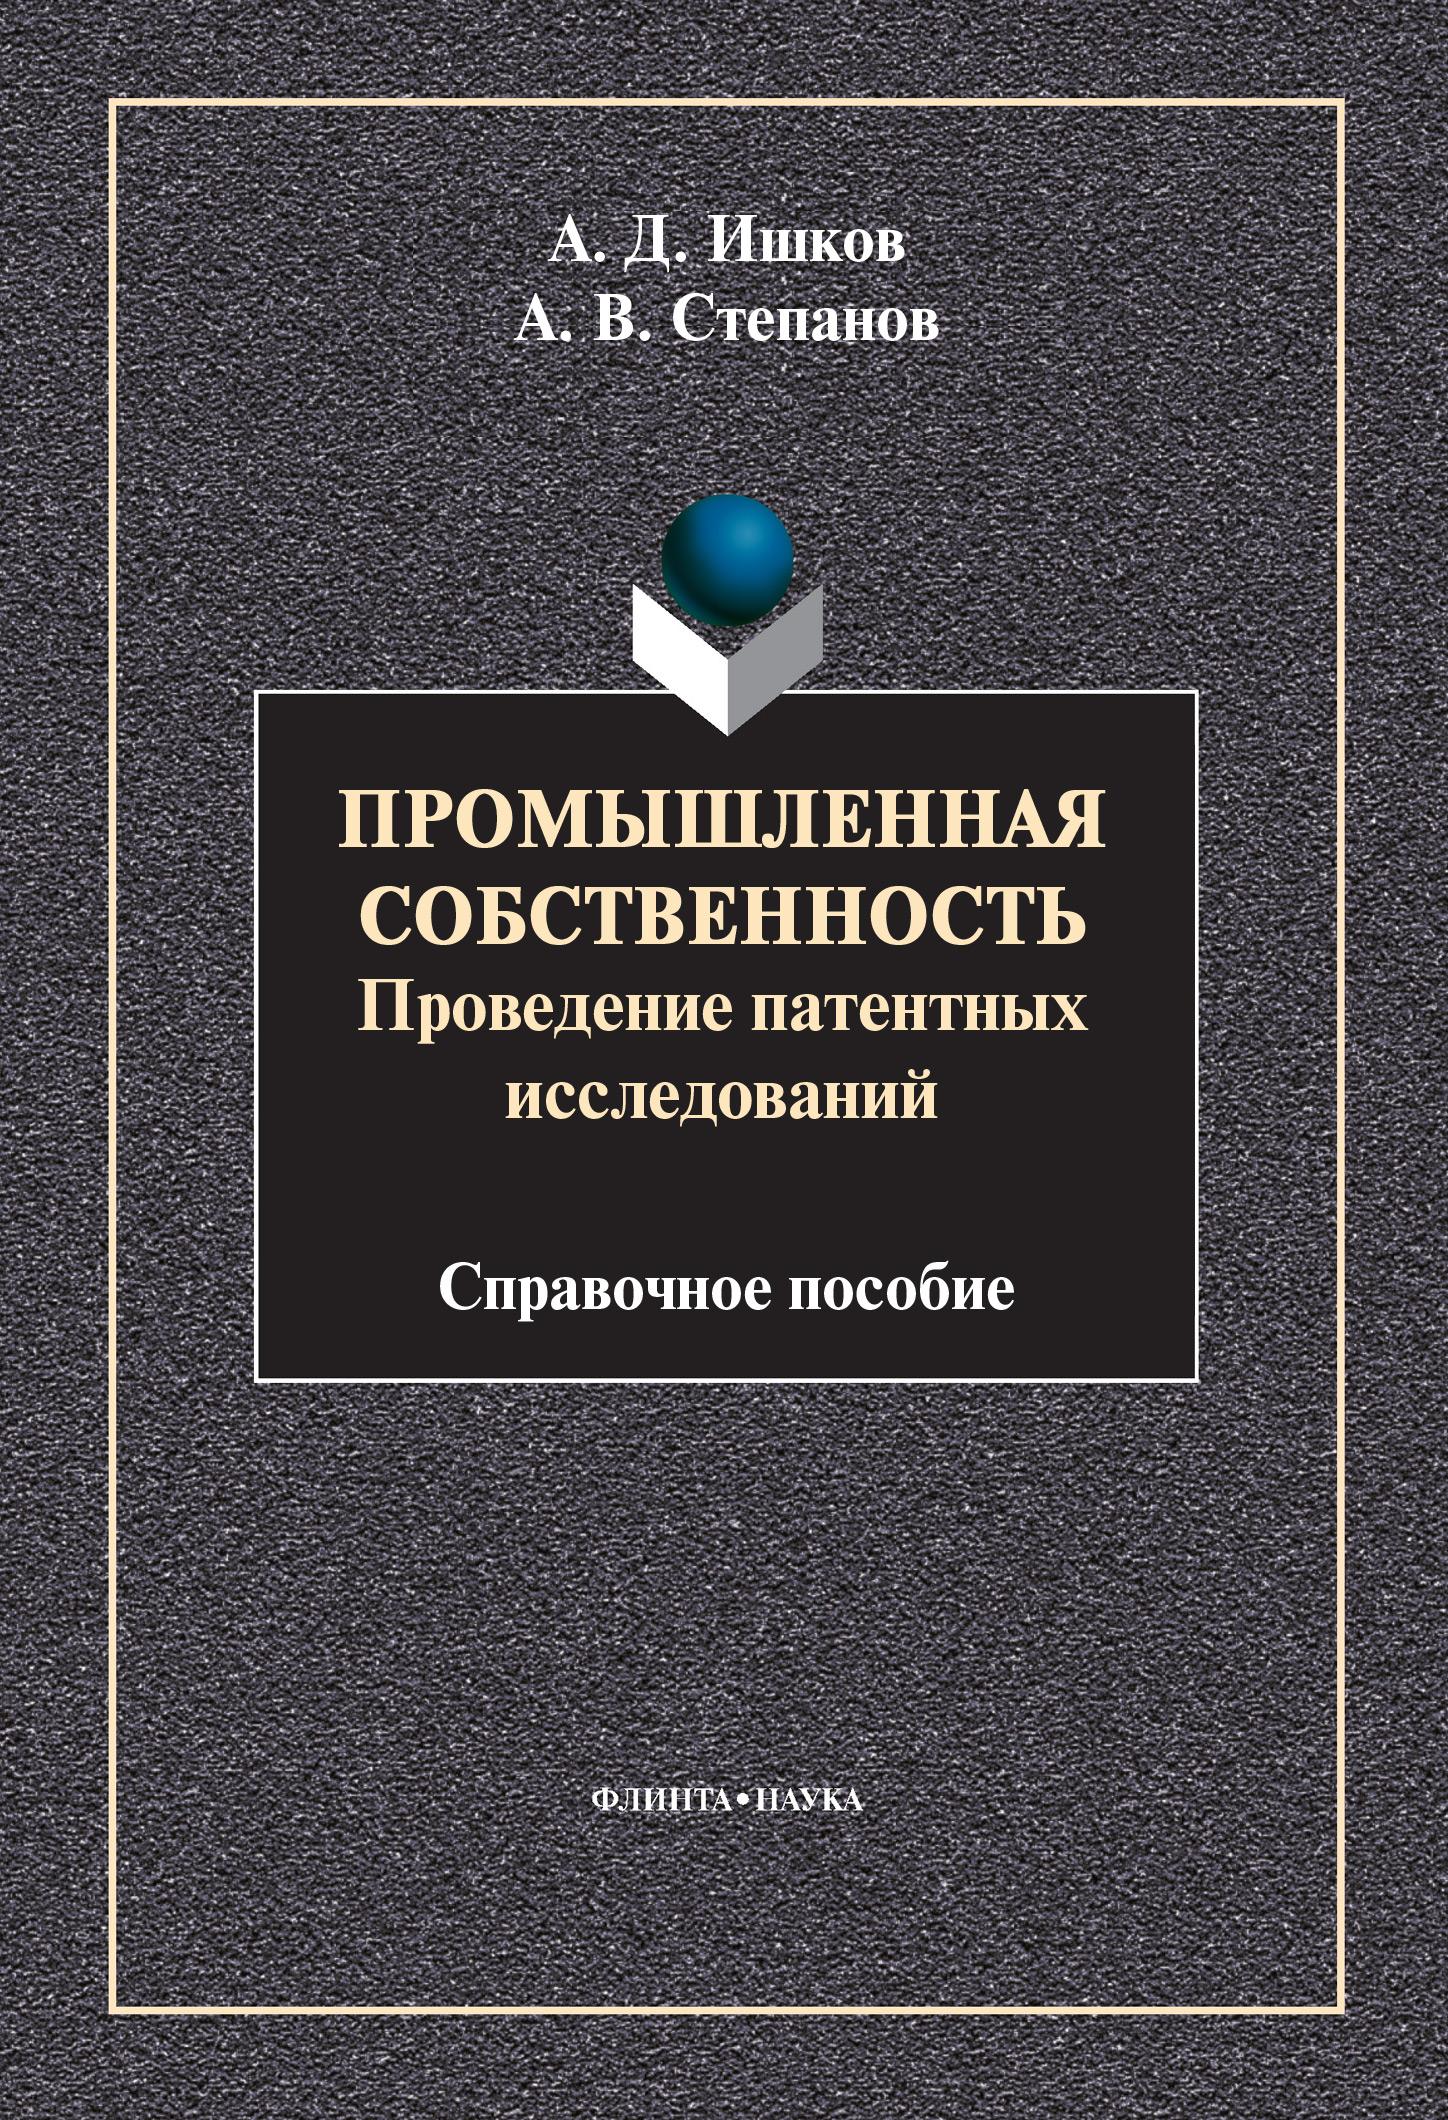 А. В. Степанов Промышленная собственность. Проведение патентных исследований цена